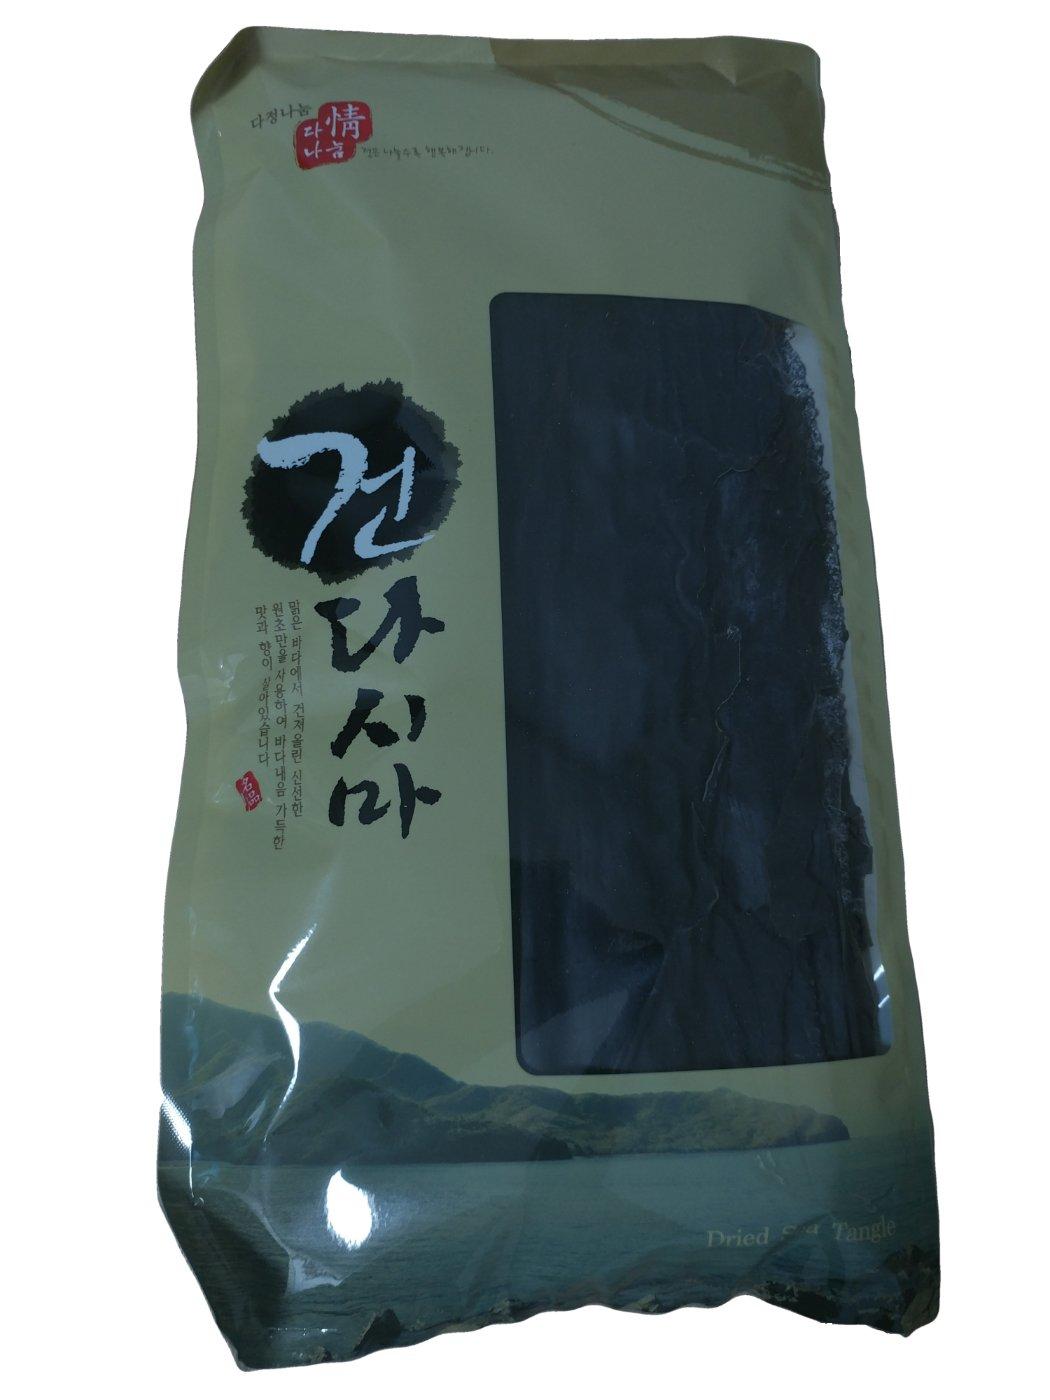 NatureWay Organic Korean Dried Kelp 7.05oz/200g Seaweed for Vegan, Soup Base, Deep-Frying